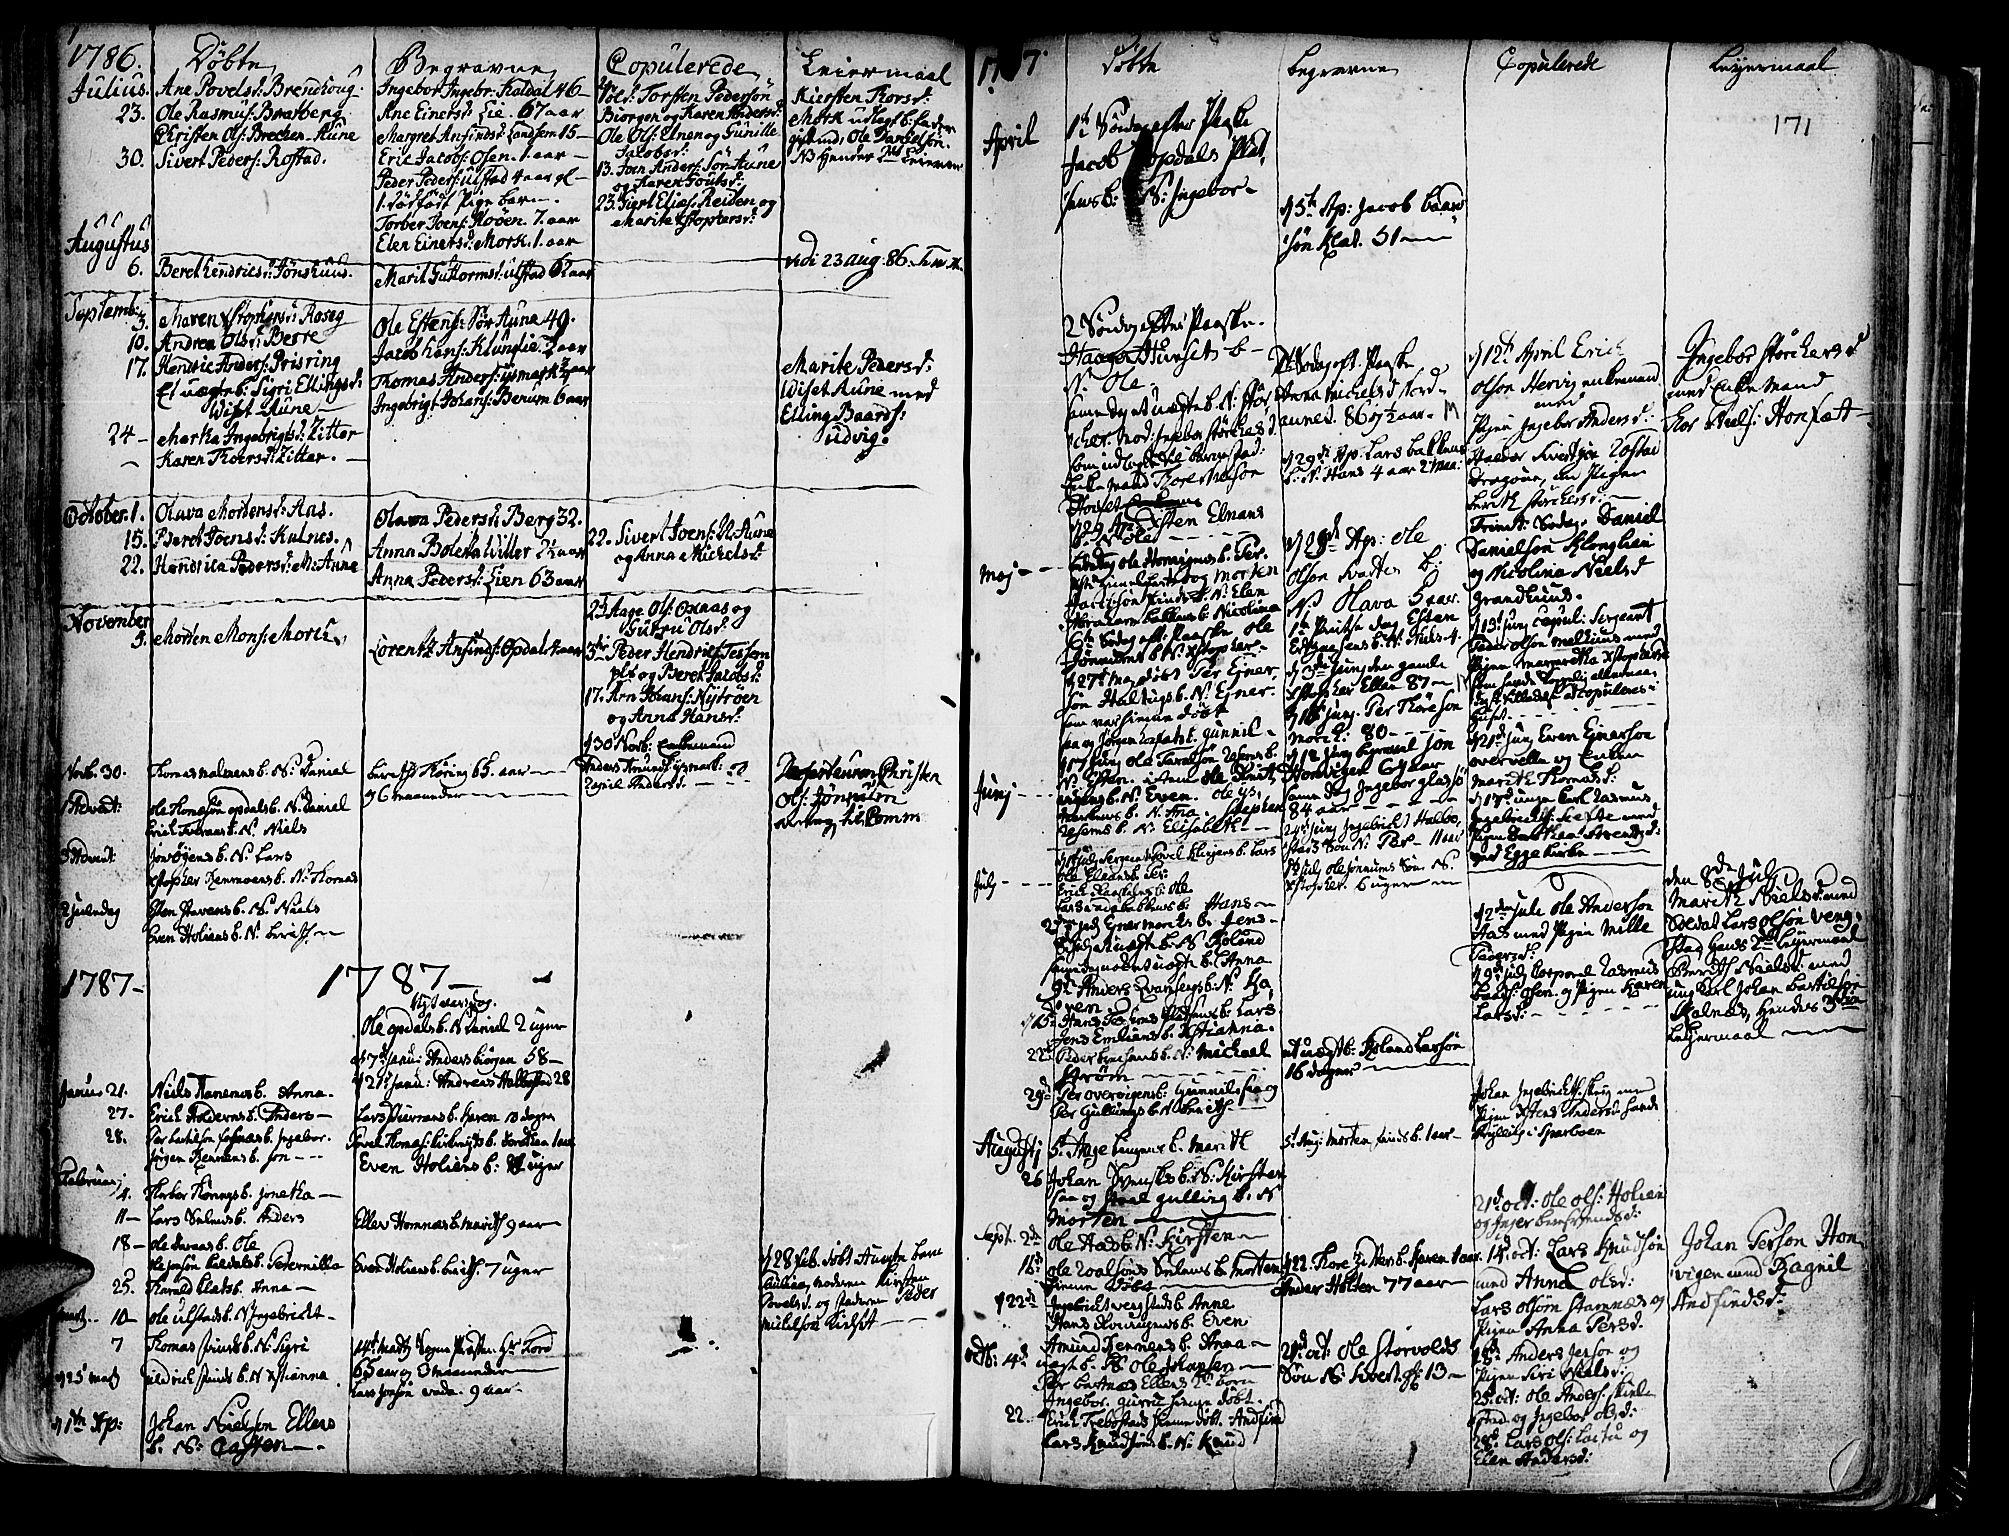 SAT, Ministerialprotokoller, klokkerbøker og fødselsregistre - Nord-Trøndelag, 741/L0385: Ministerialbok nr. 741A01, 1722-1815, s. 171